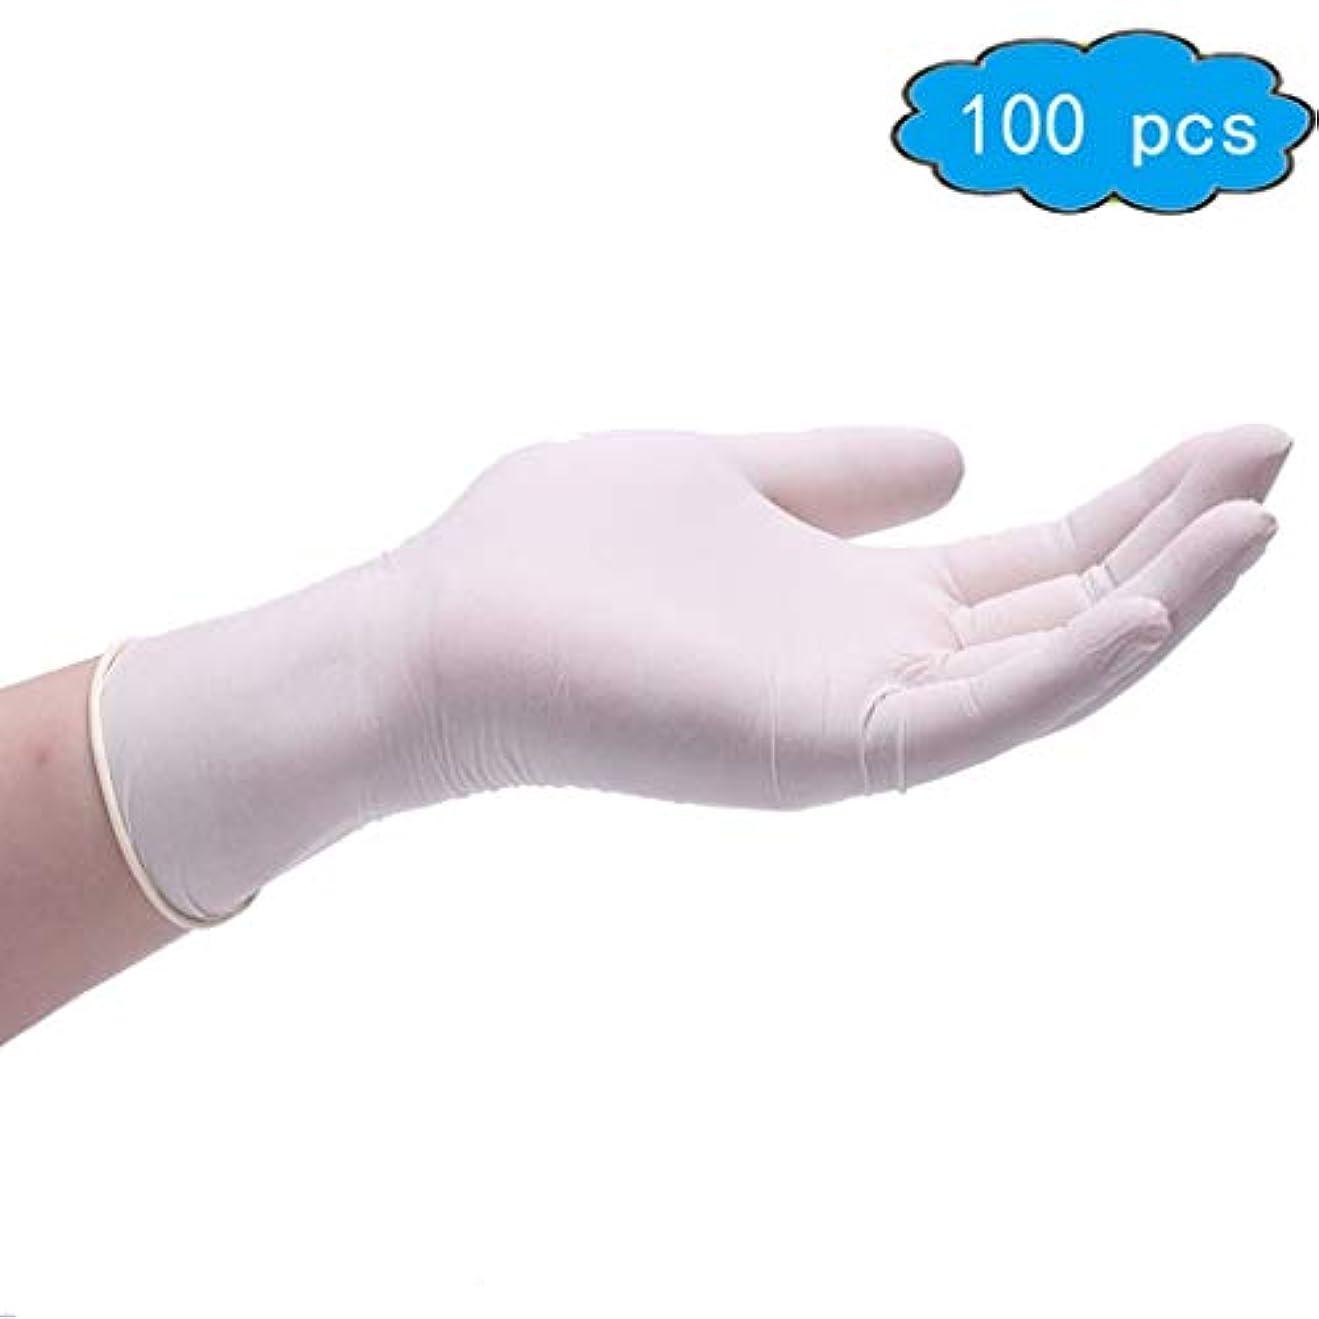 打たれたトラックカフェパック使い捨てラテックスゴム手袋、100カウント、大–パウダーフリー、両手利き、超快適、超強力、耐久性と伸縮性、医療、食品および多用途–肥厚、生理用手袋 (Color : White, Size : XL)